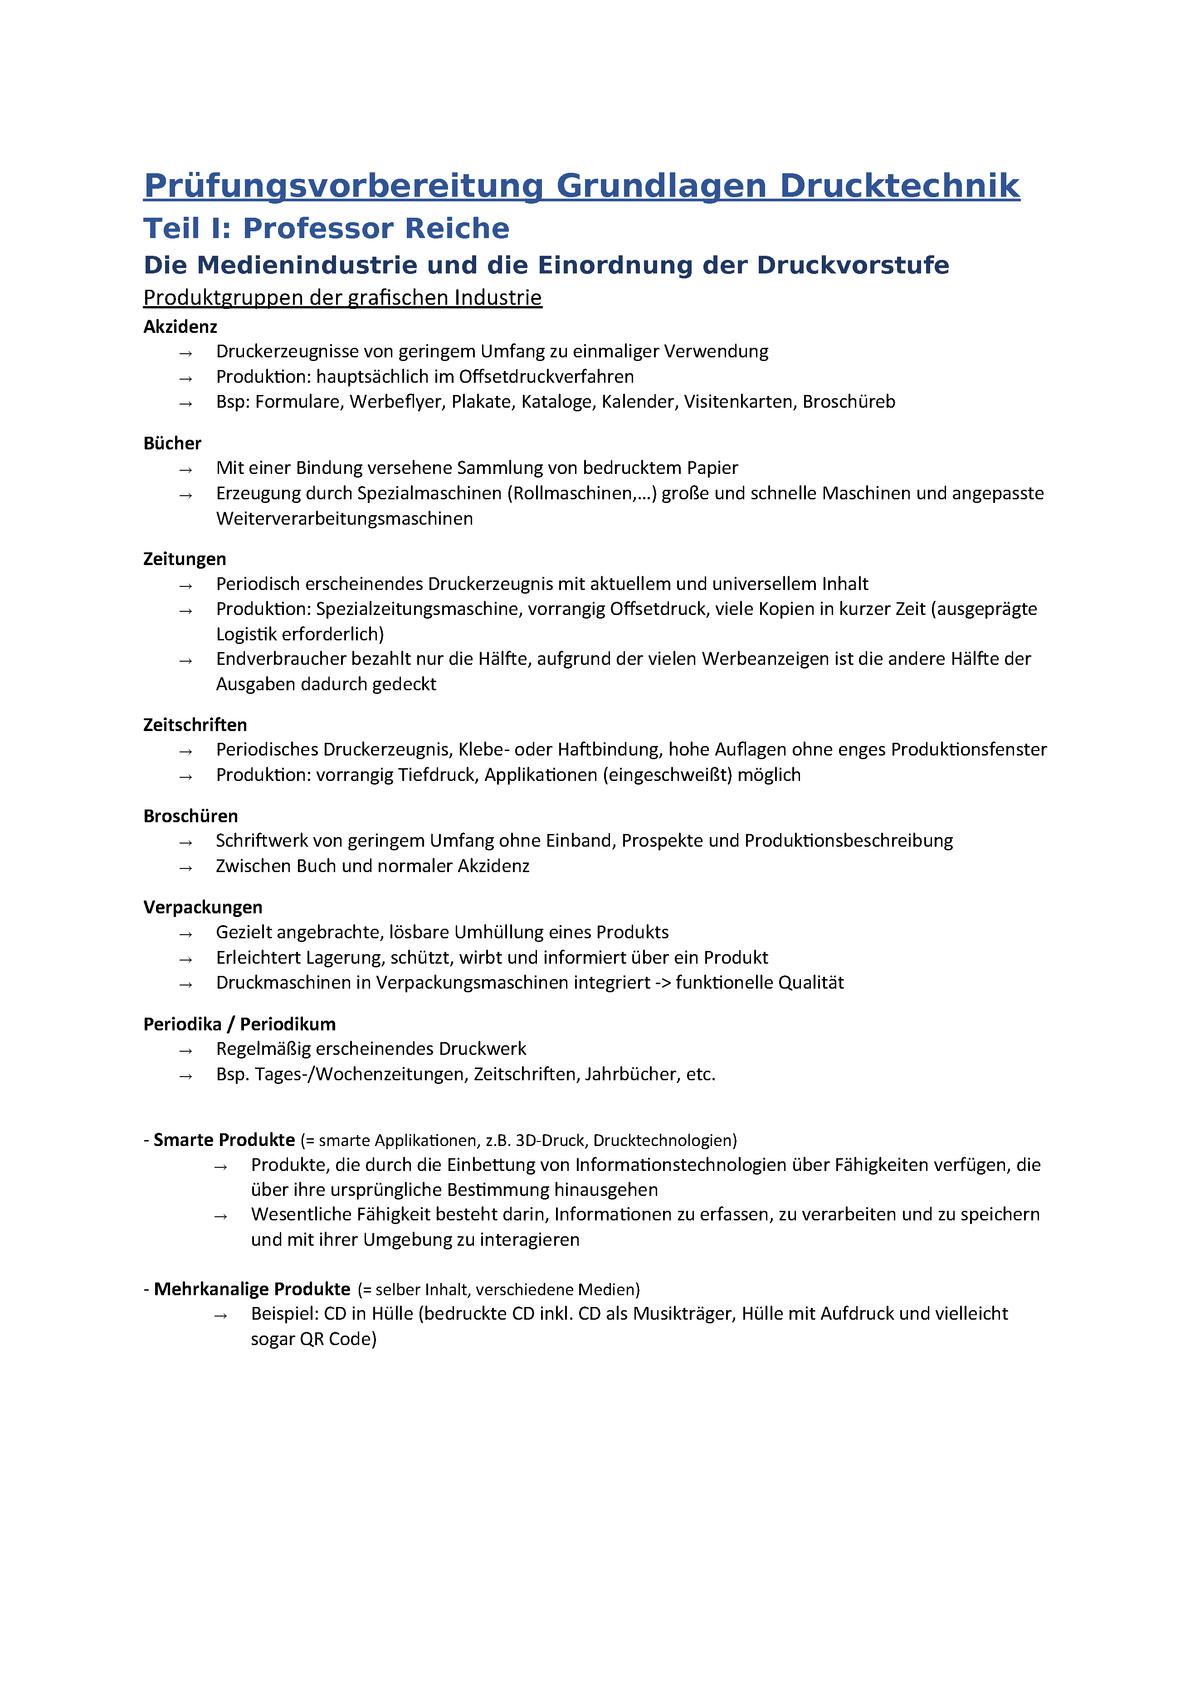 Prüfungsvorbereitung Grundlagen Drucktechnik Studocu